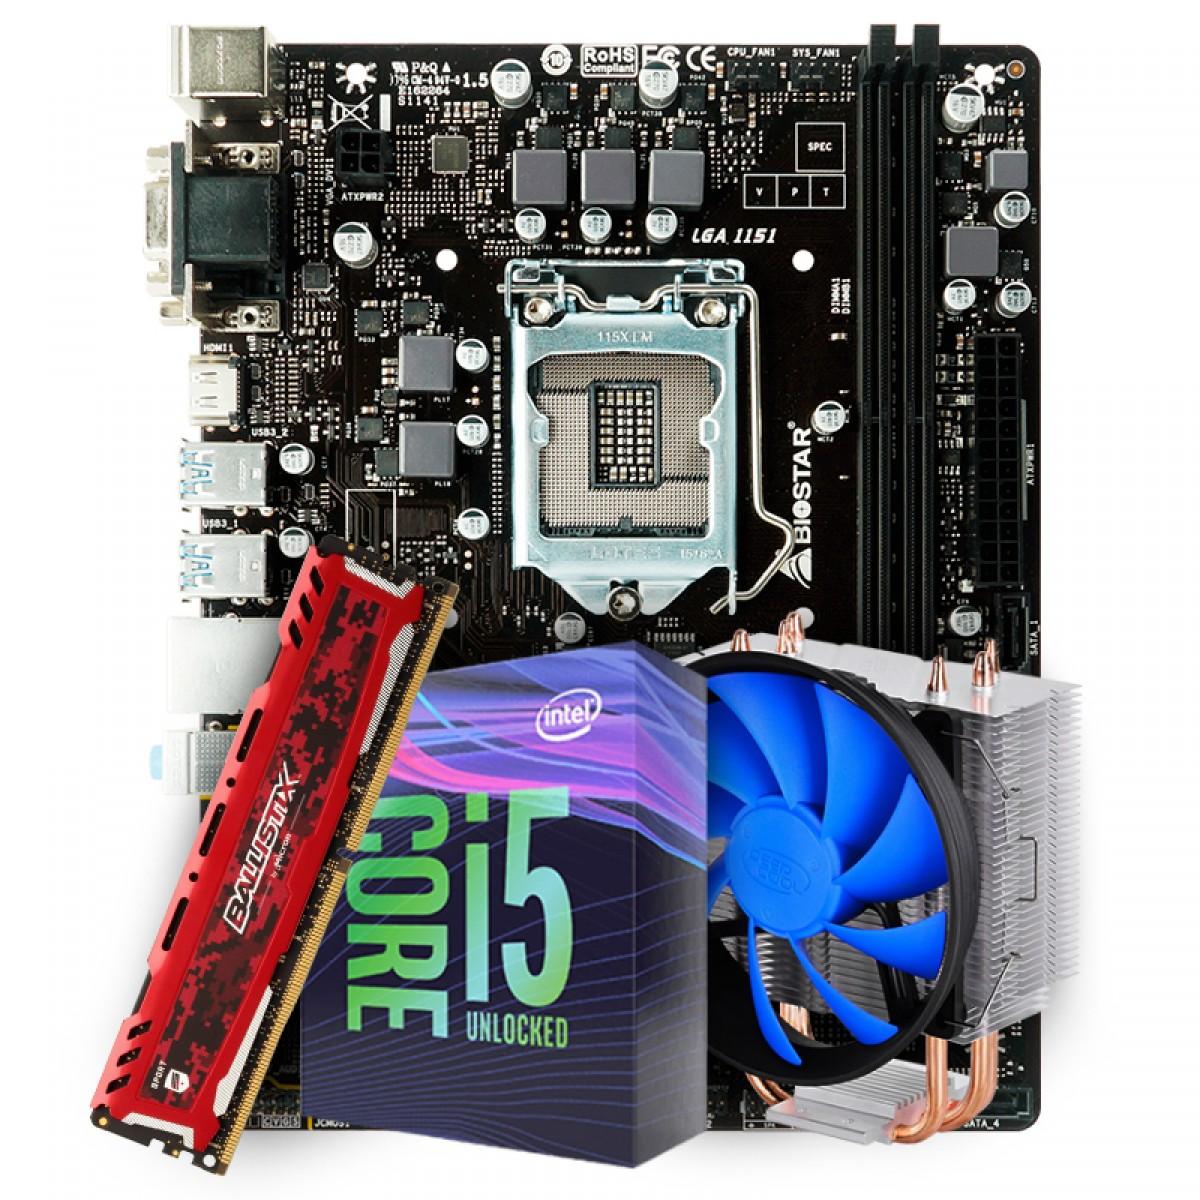 Kit Upgrade Placa Mãe Biostar B360MHD PRO 2 LGA 1151 + Processador Intel Core i5 9600KF 3.70GHz + Cooler DeepCool Gammaxx 300 + Memória DDR4 16GB 2666MHz